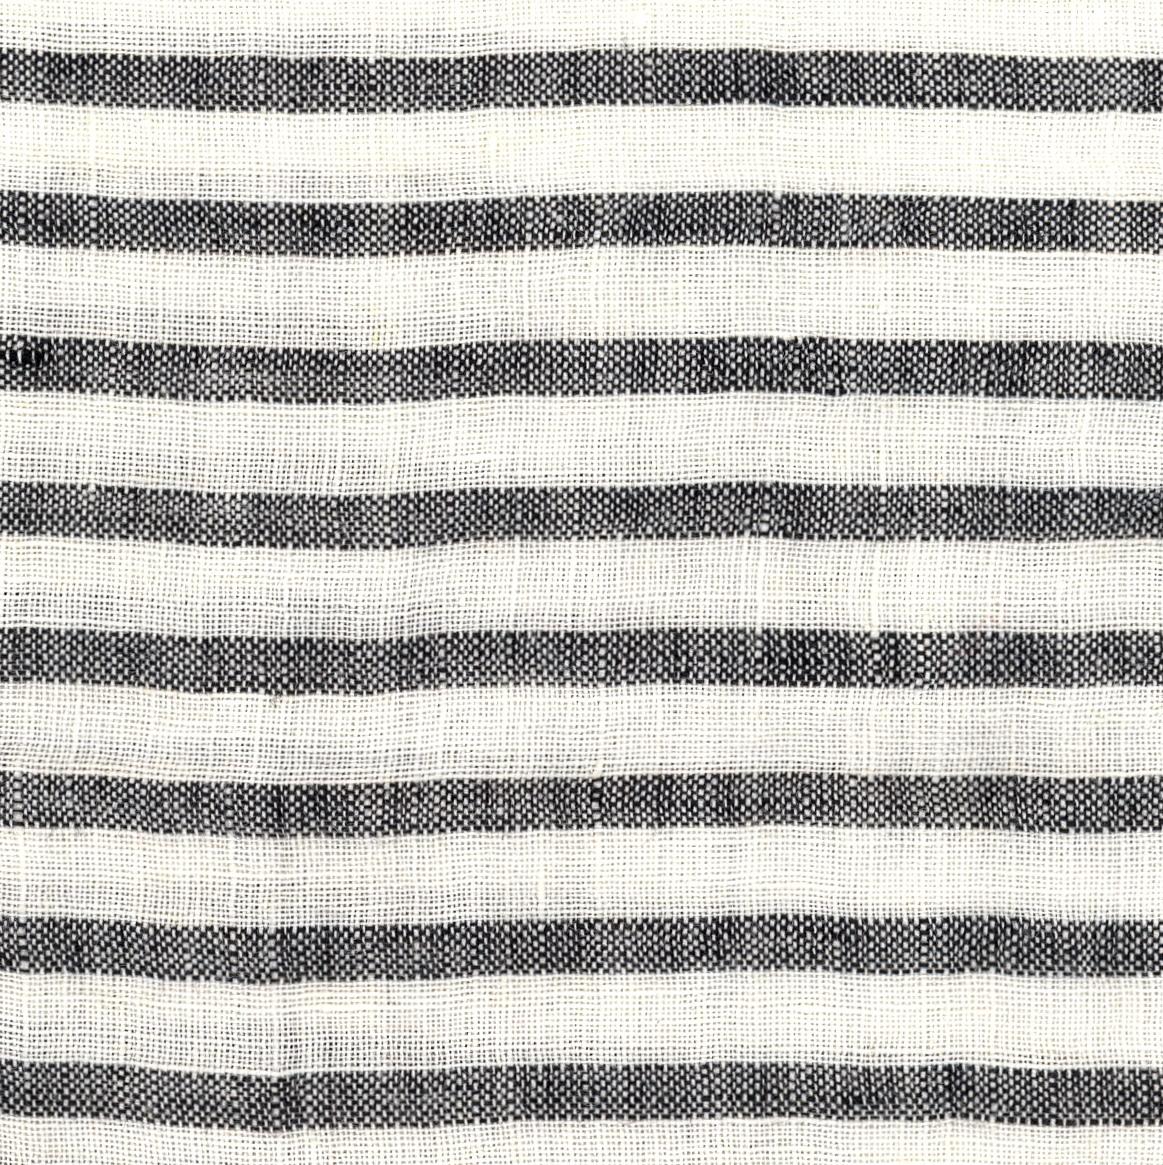 PERSICO BARRE' MACHE' White-Black 6 mm Stripe